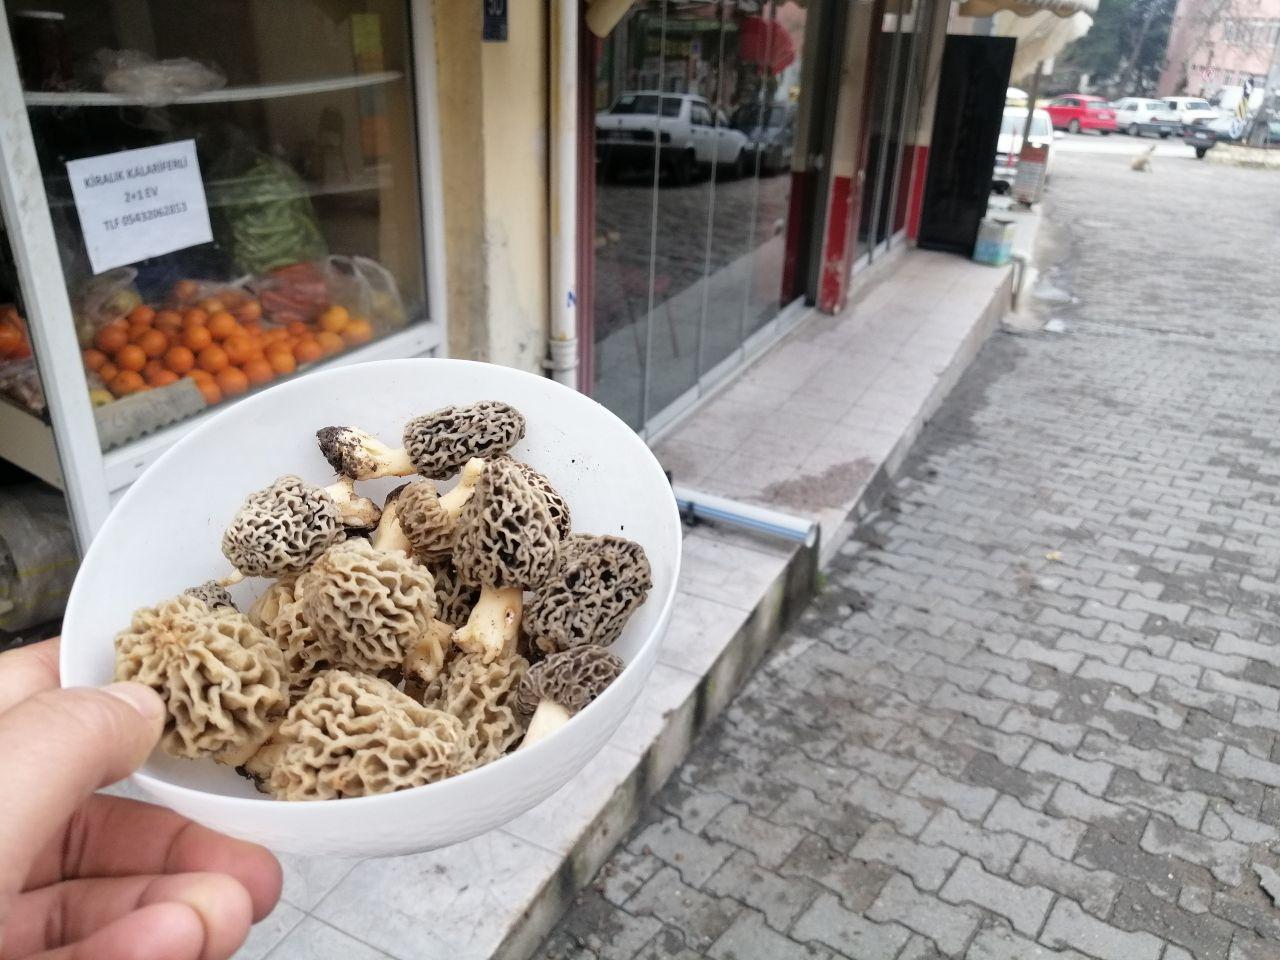 Köylüler topluyor kuzugöbeği mantarının kilosu koranayla fırladı